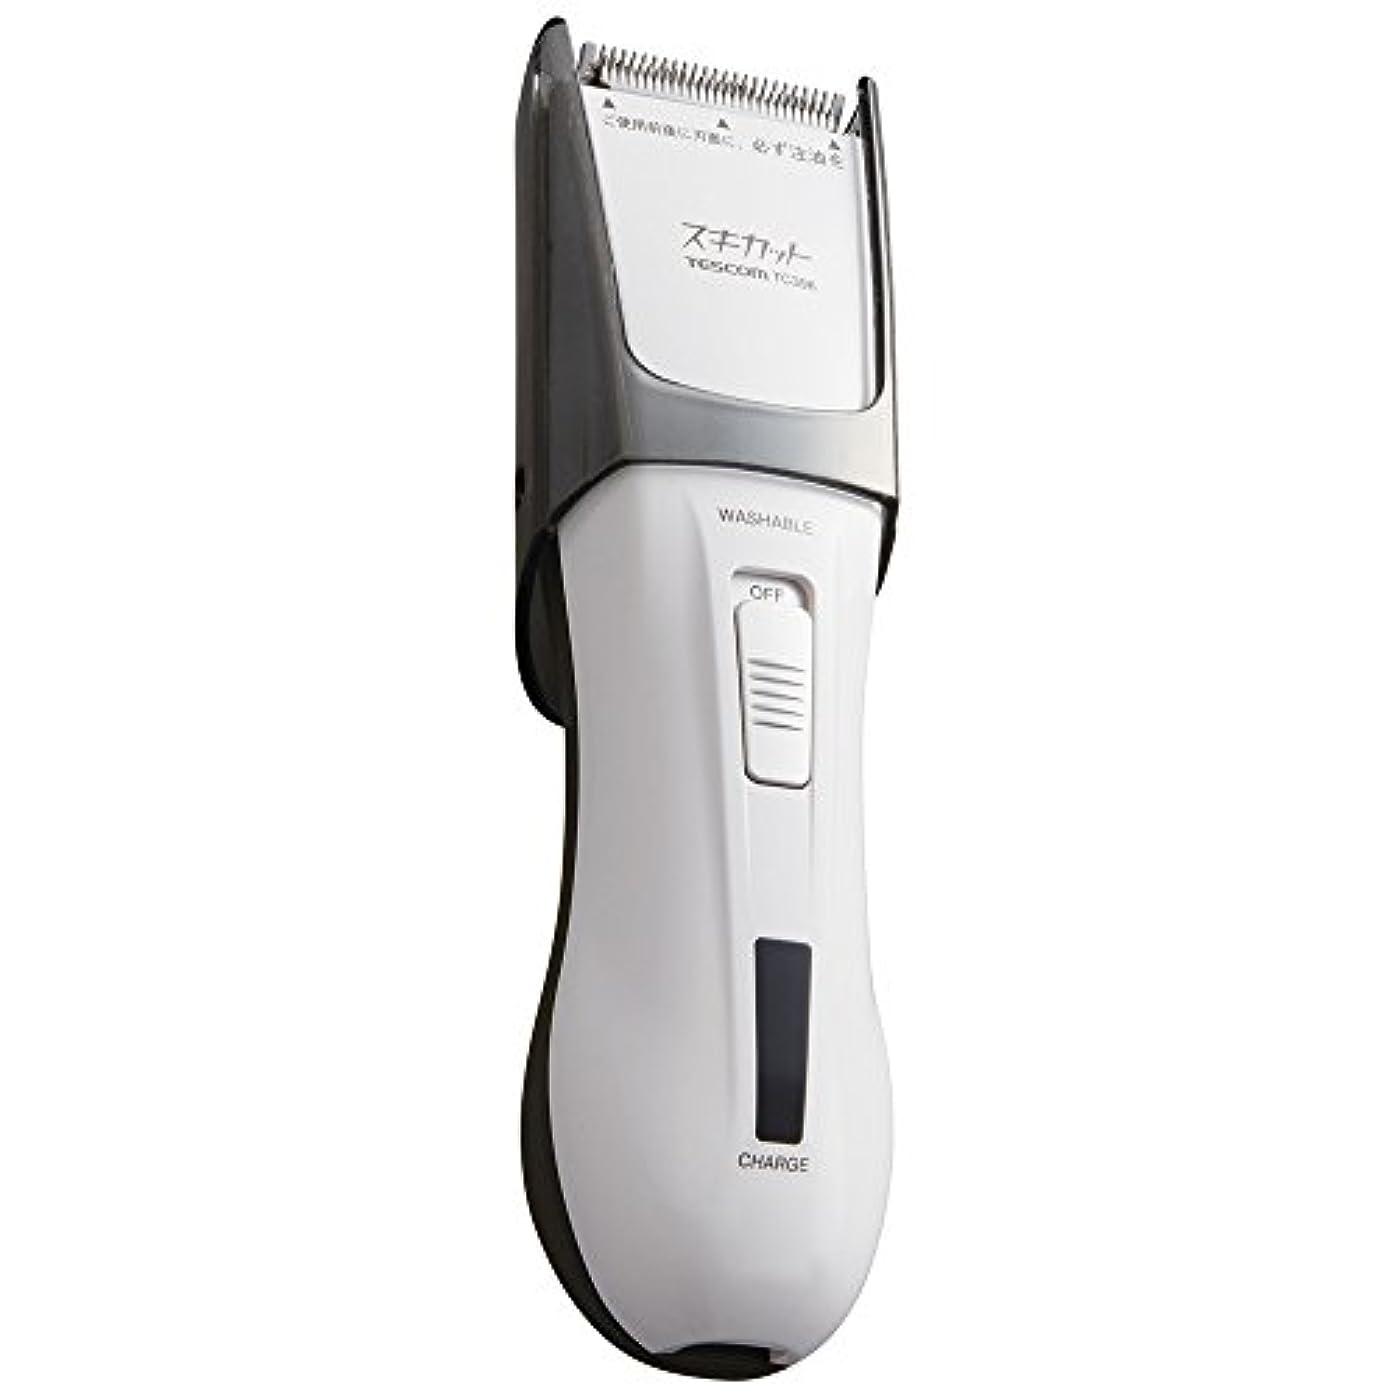 四分円ボーナス信じられないTESCOM スキカット 電気バリカン ホワイト TC396-W